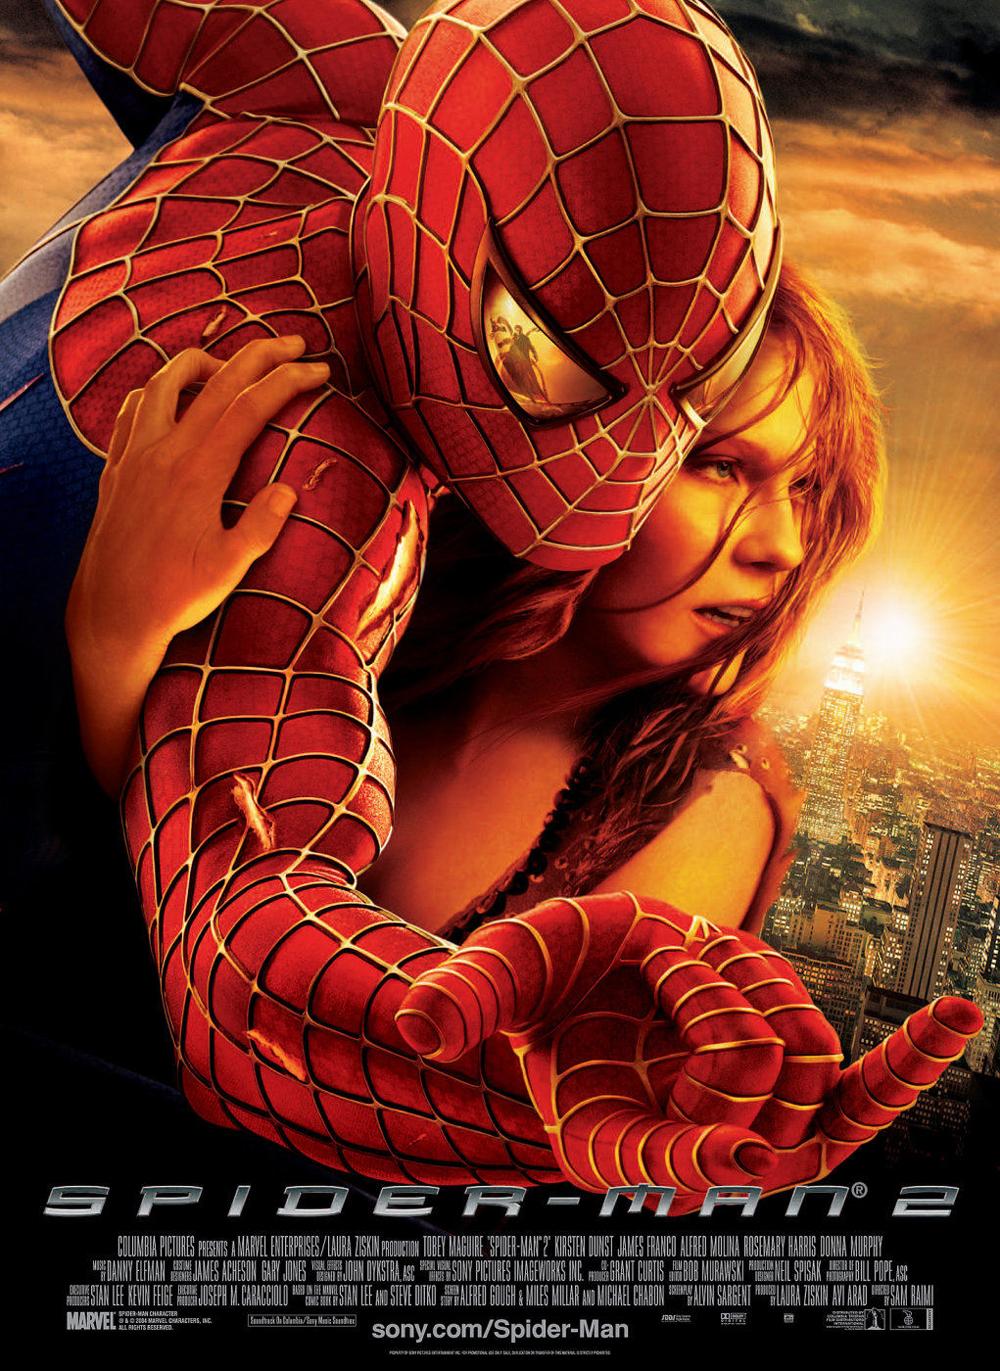 spider-man 2 | spider-man wiki | fandom poweredwikia